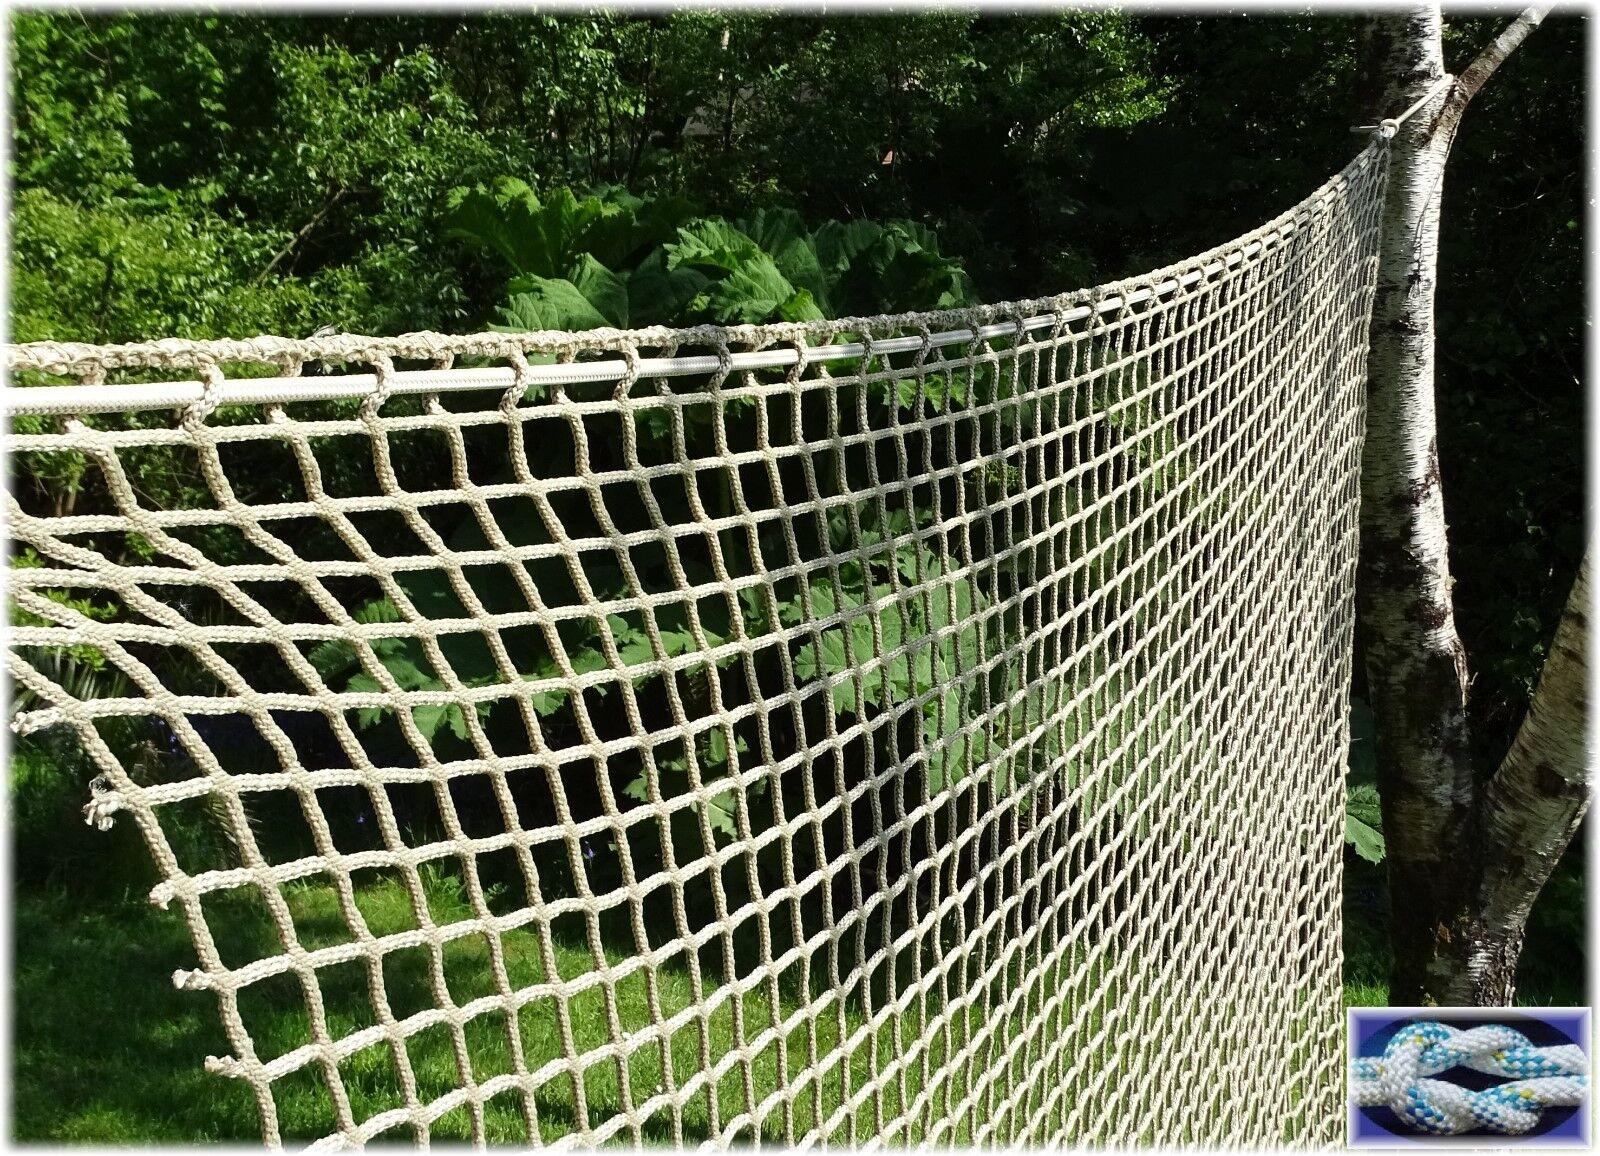 Kletternetz, Hängesessel, Hängematte, 2m BREITE METERWARE Schutznetz, Hängesessel, Kletternetz, Spielnetz 7df09b